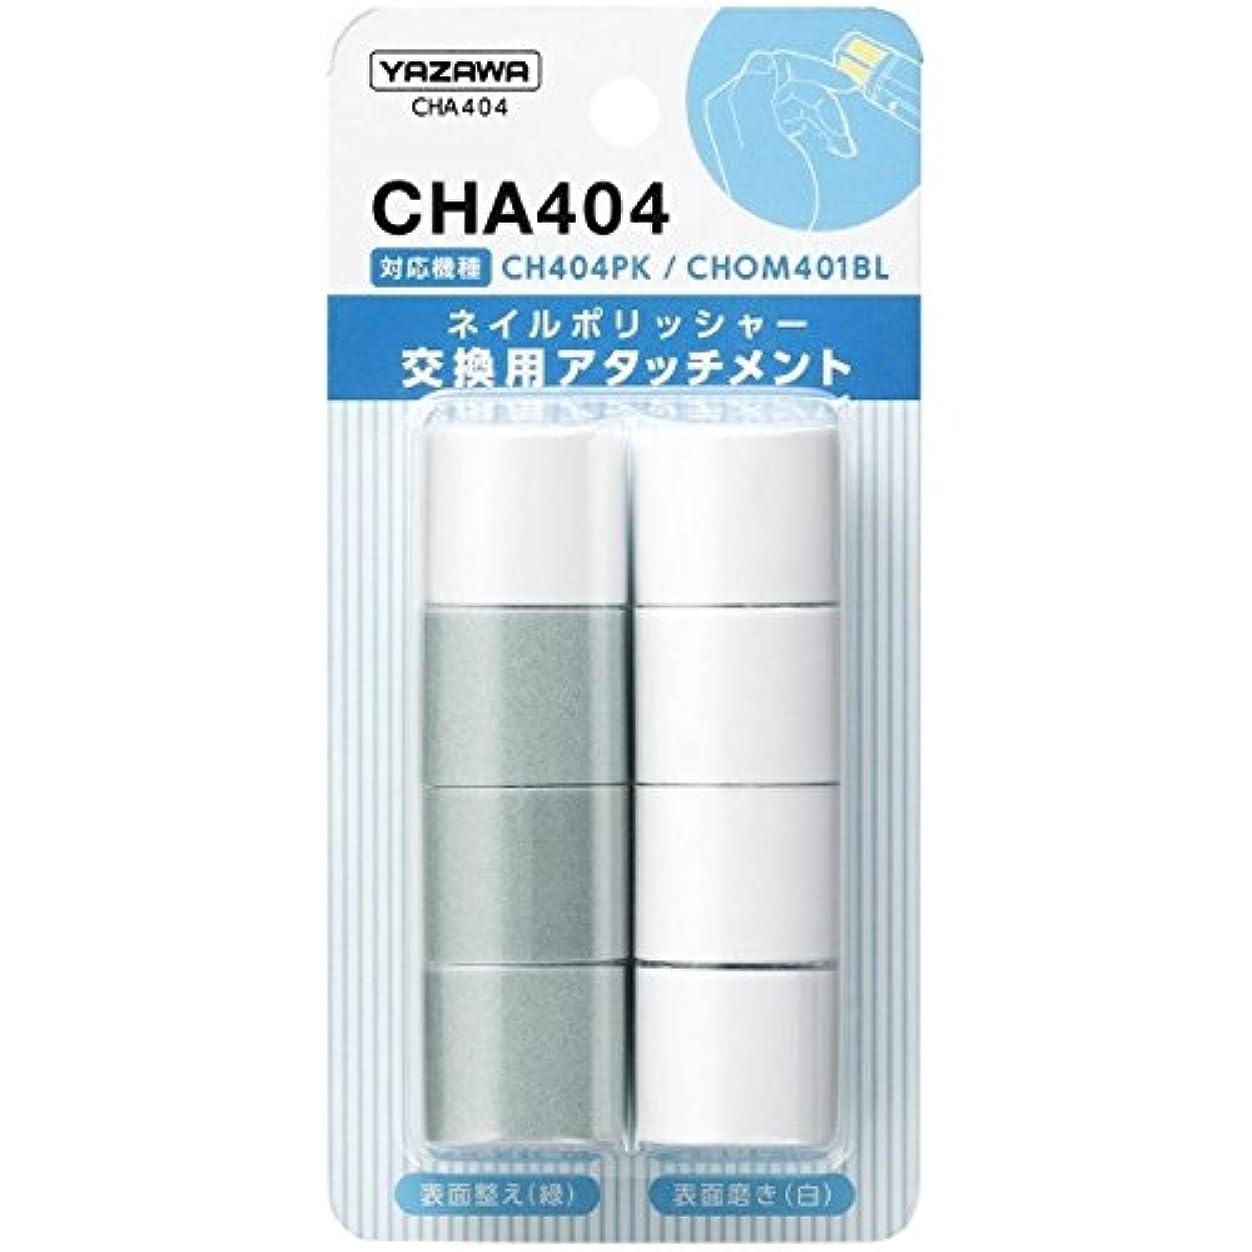 デッキどうしたの追記YAZAWA(ヤザワコーポレーション) ネイルポリッシャー交換用アタッチメント CHA404